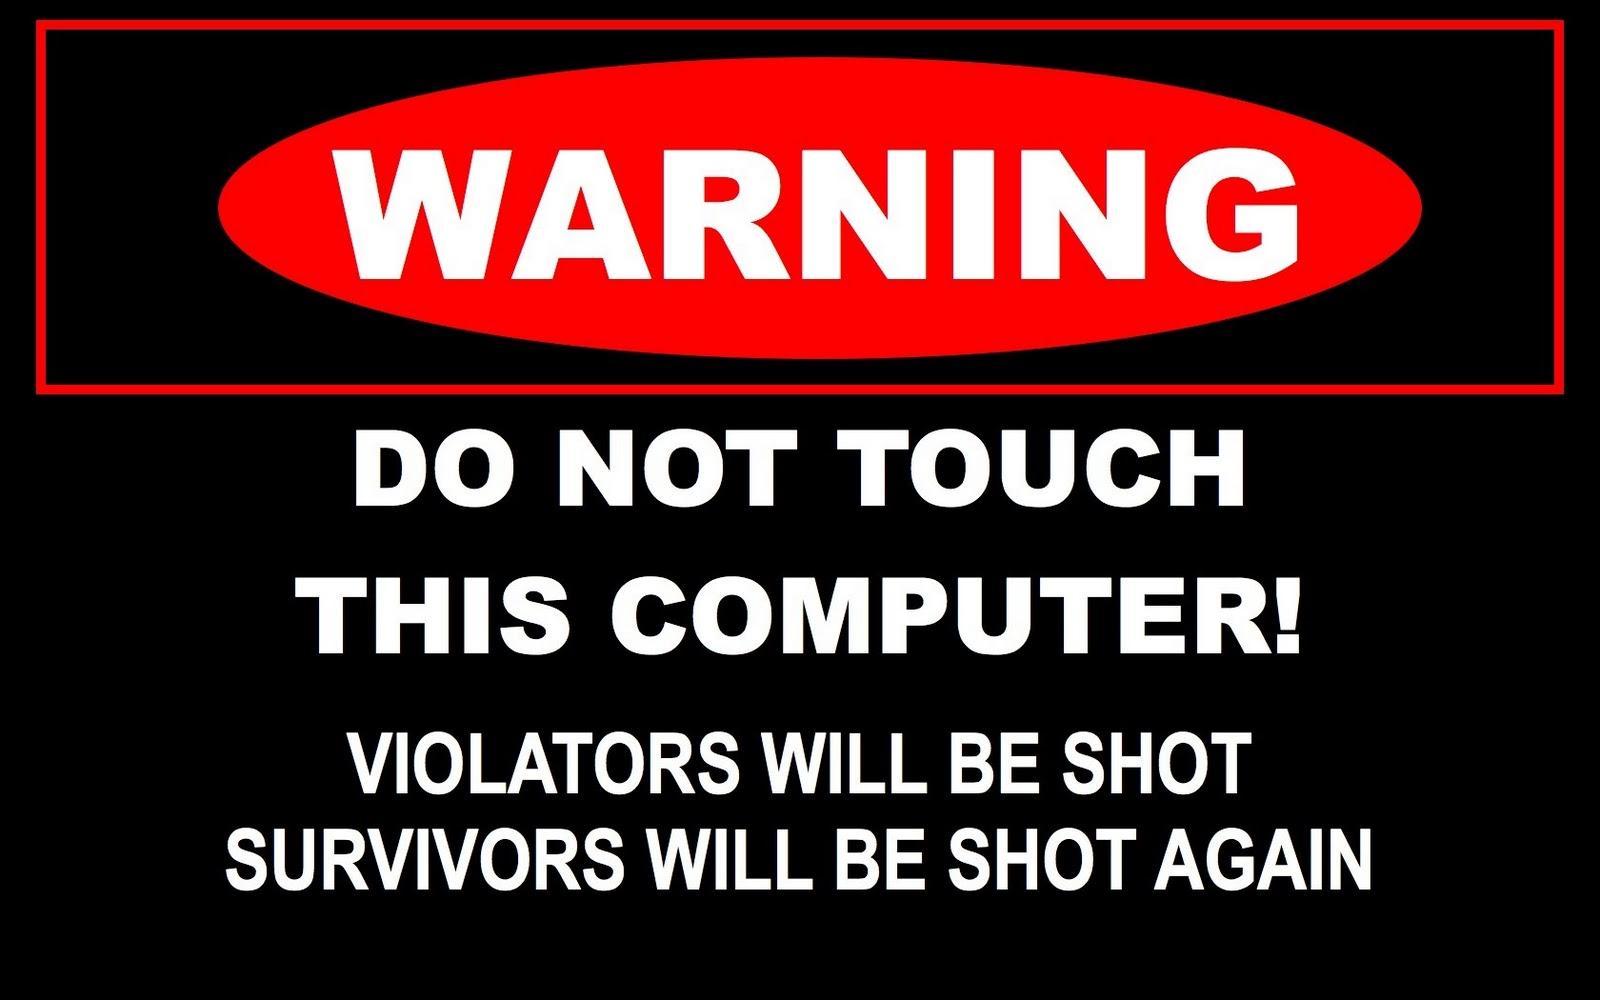 http://1.bp.blogspot.com/-urHEbiQML20/Tn56Uxo8WNI/AAAAAAAAFsM/cNN-Wg9hyTk/s1600/wallpaper-1357487.jpg